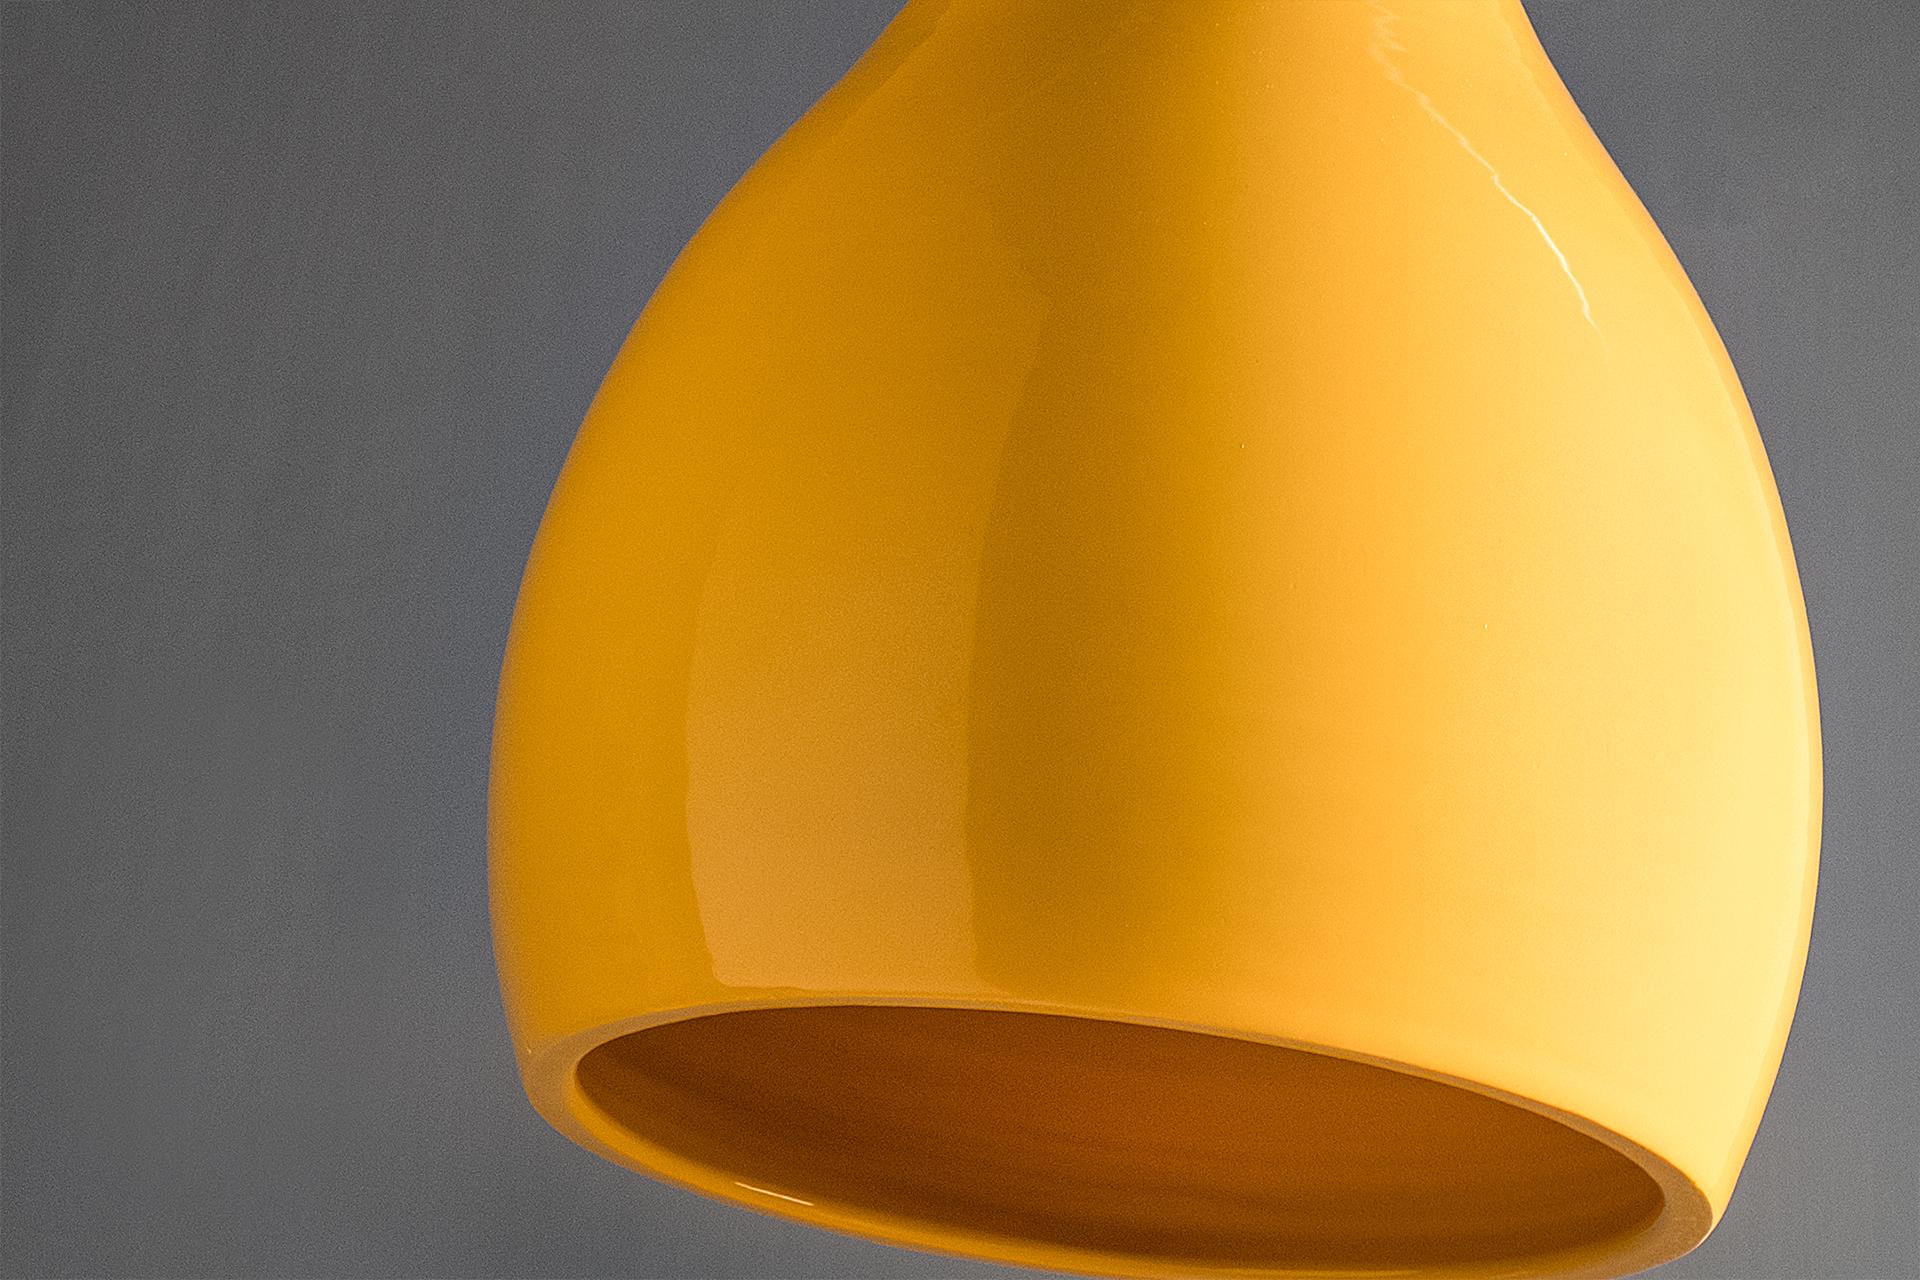 Lampada a sospensione artigianale Bouchet, dettaglio della smaltatura della ceramica